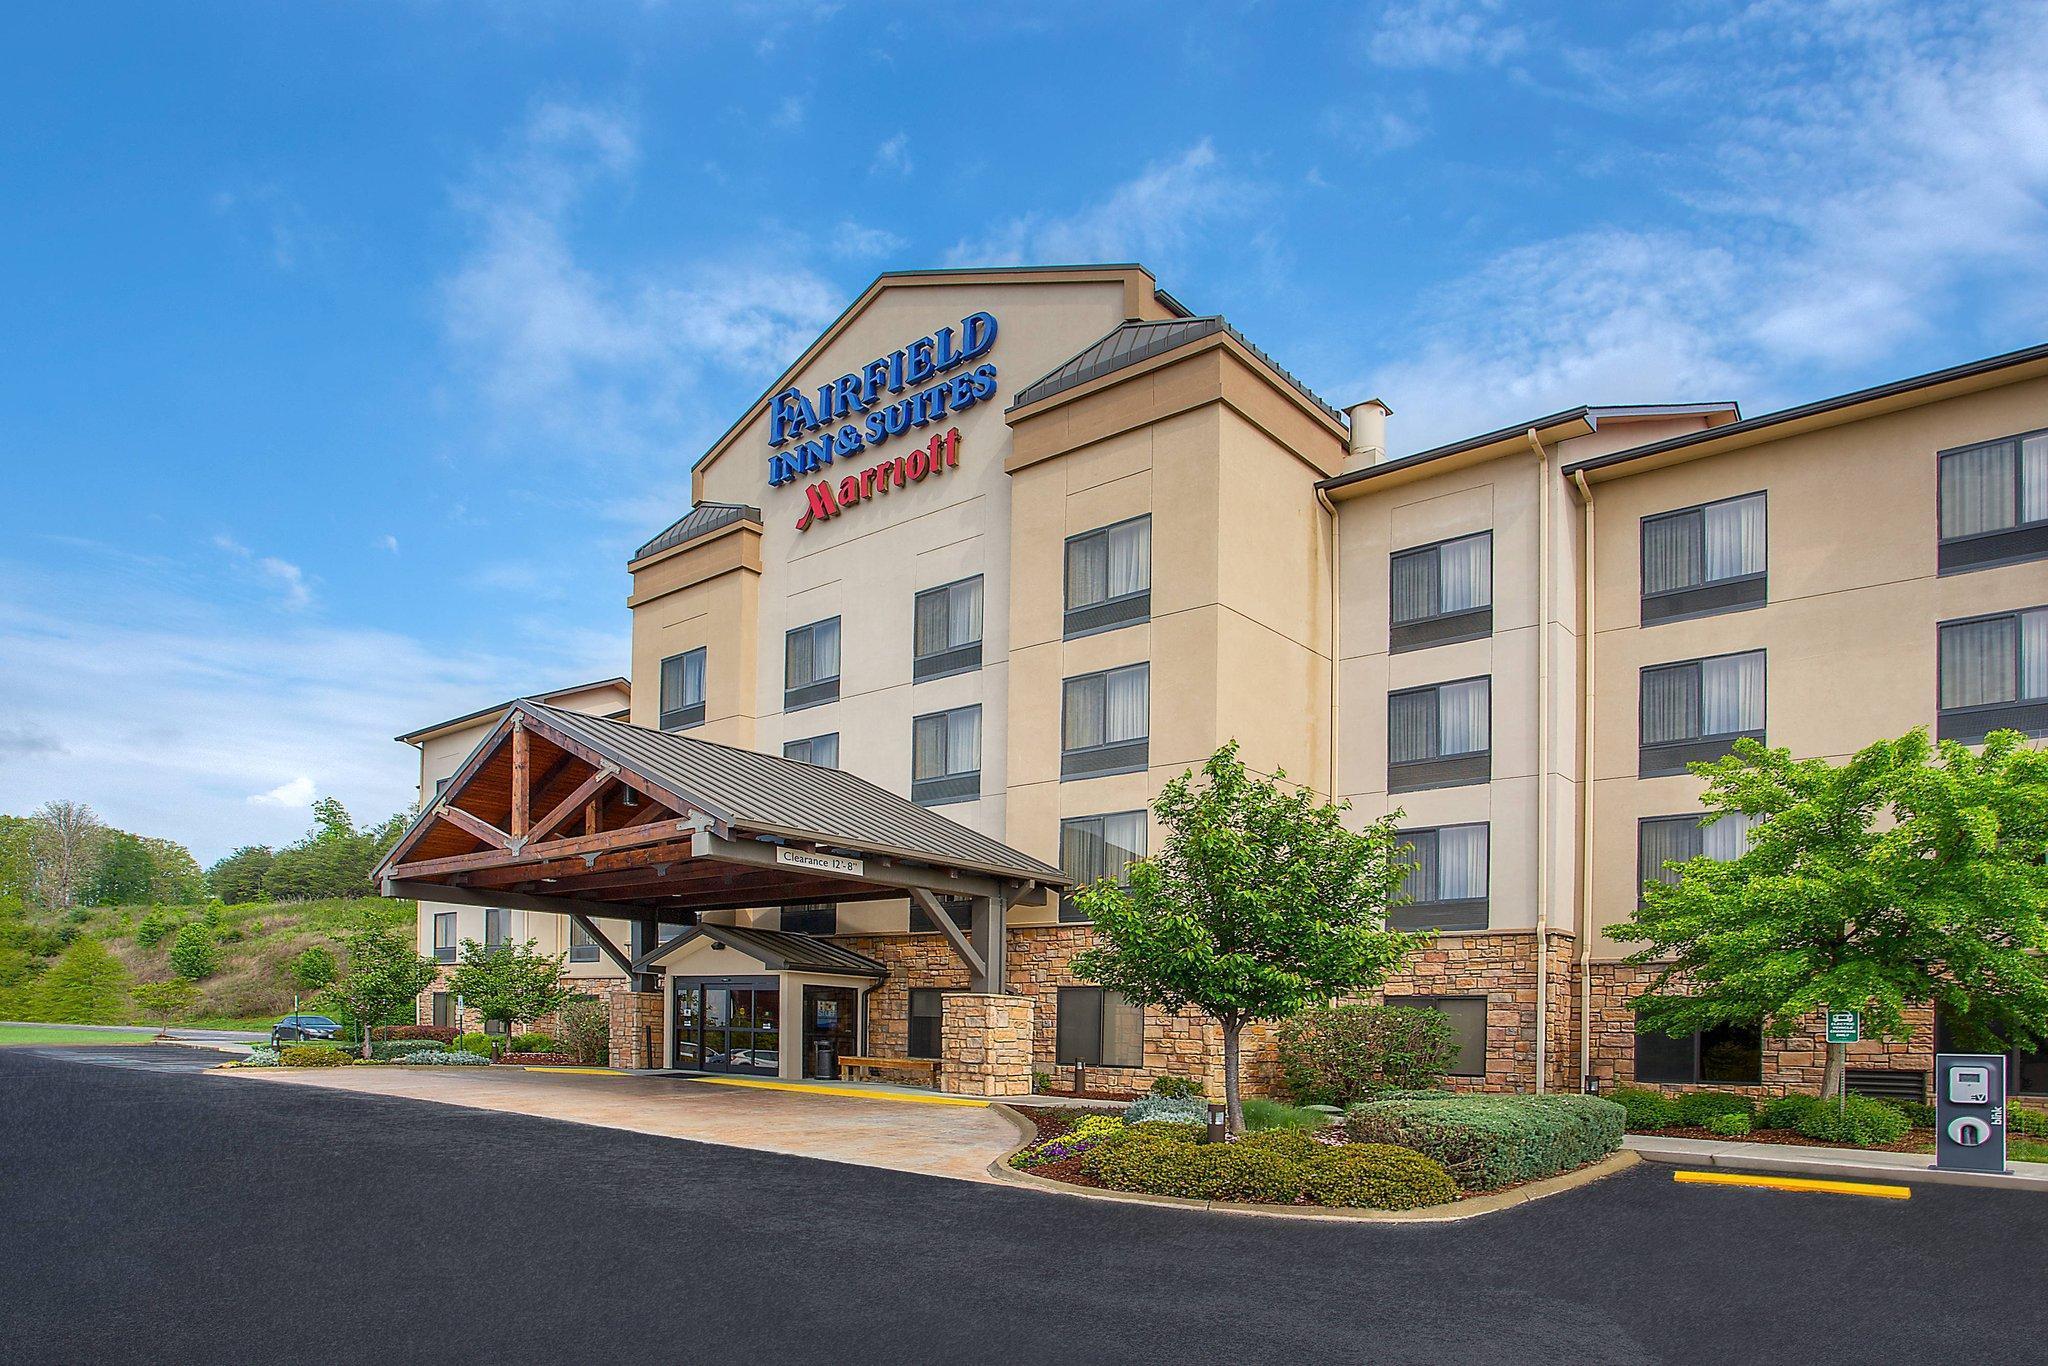 Fairfield Inn And Suites Sevierville Kodak